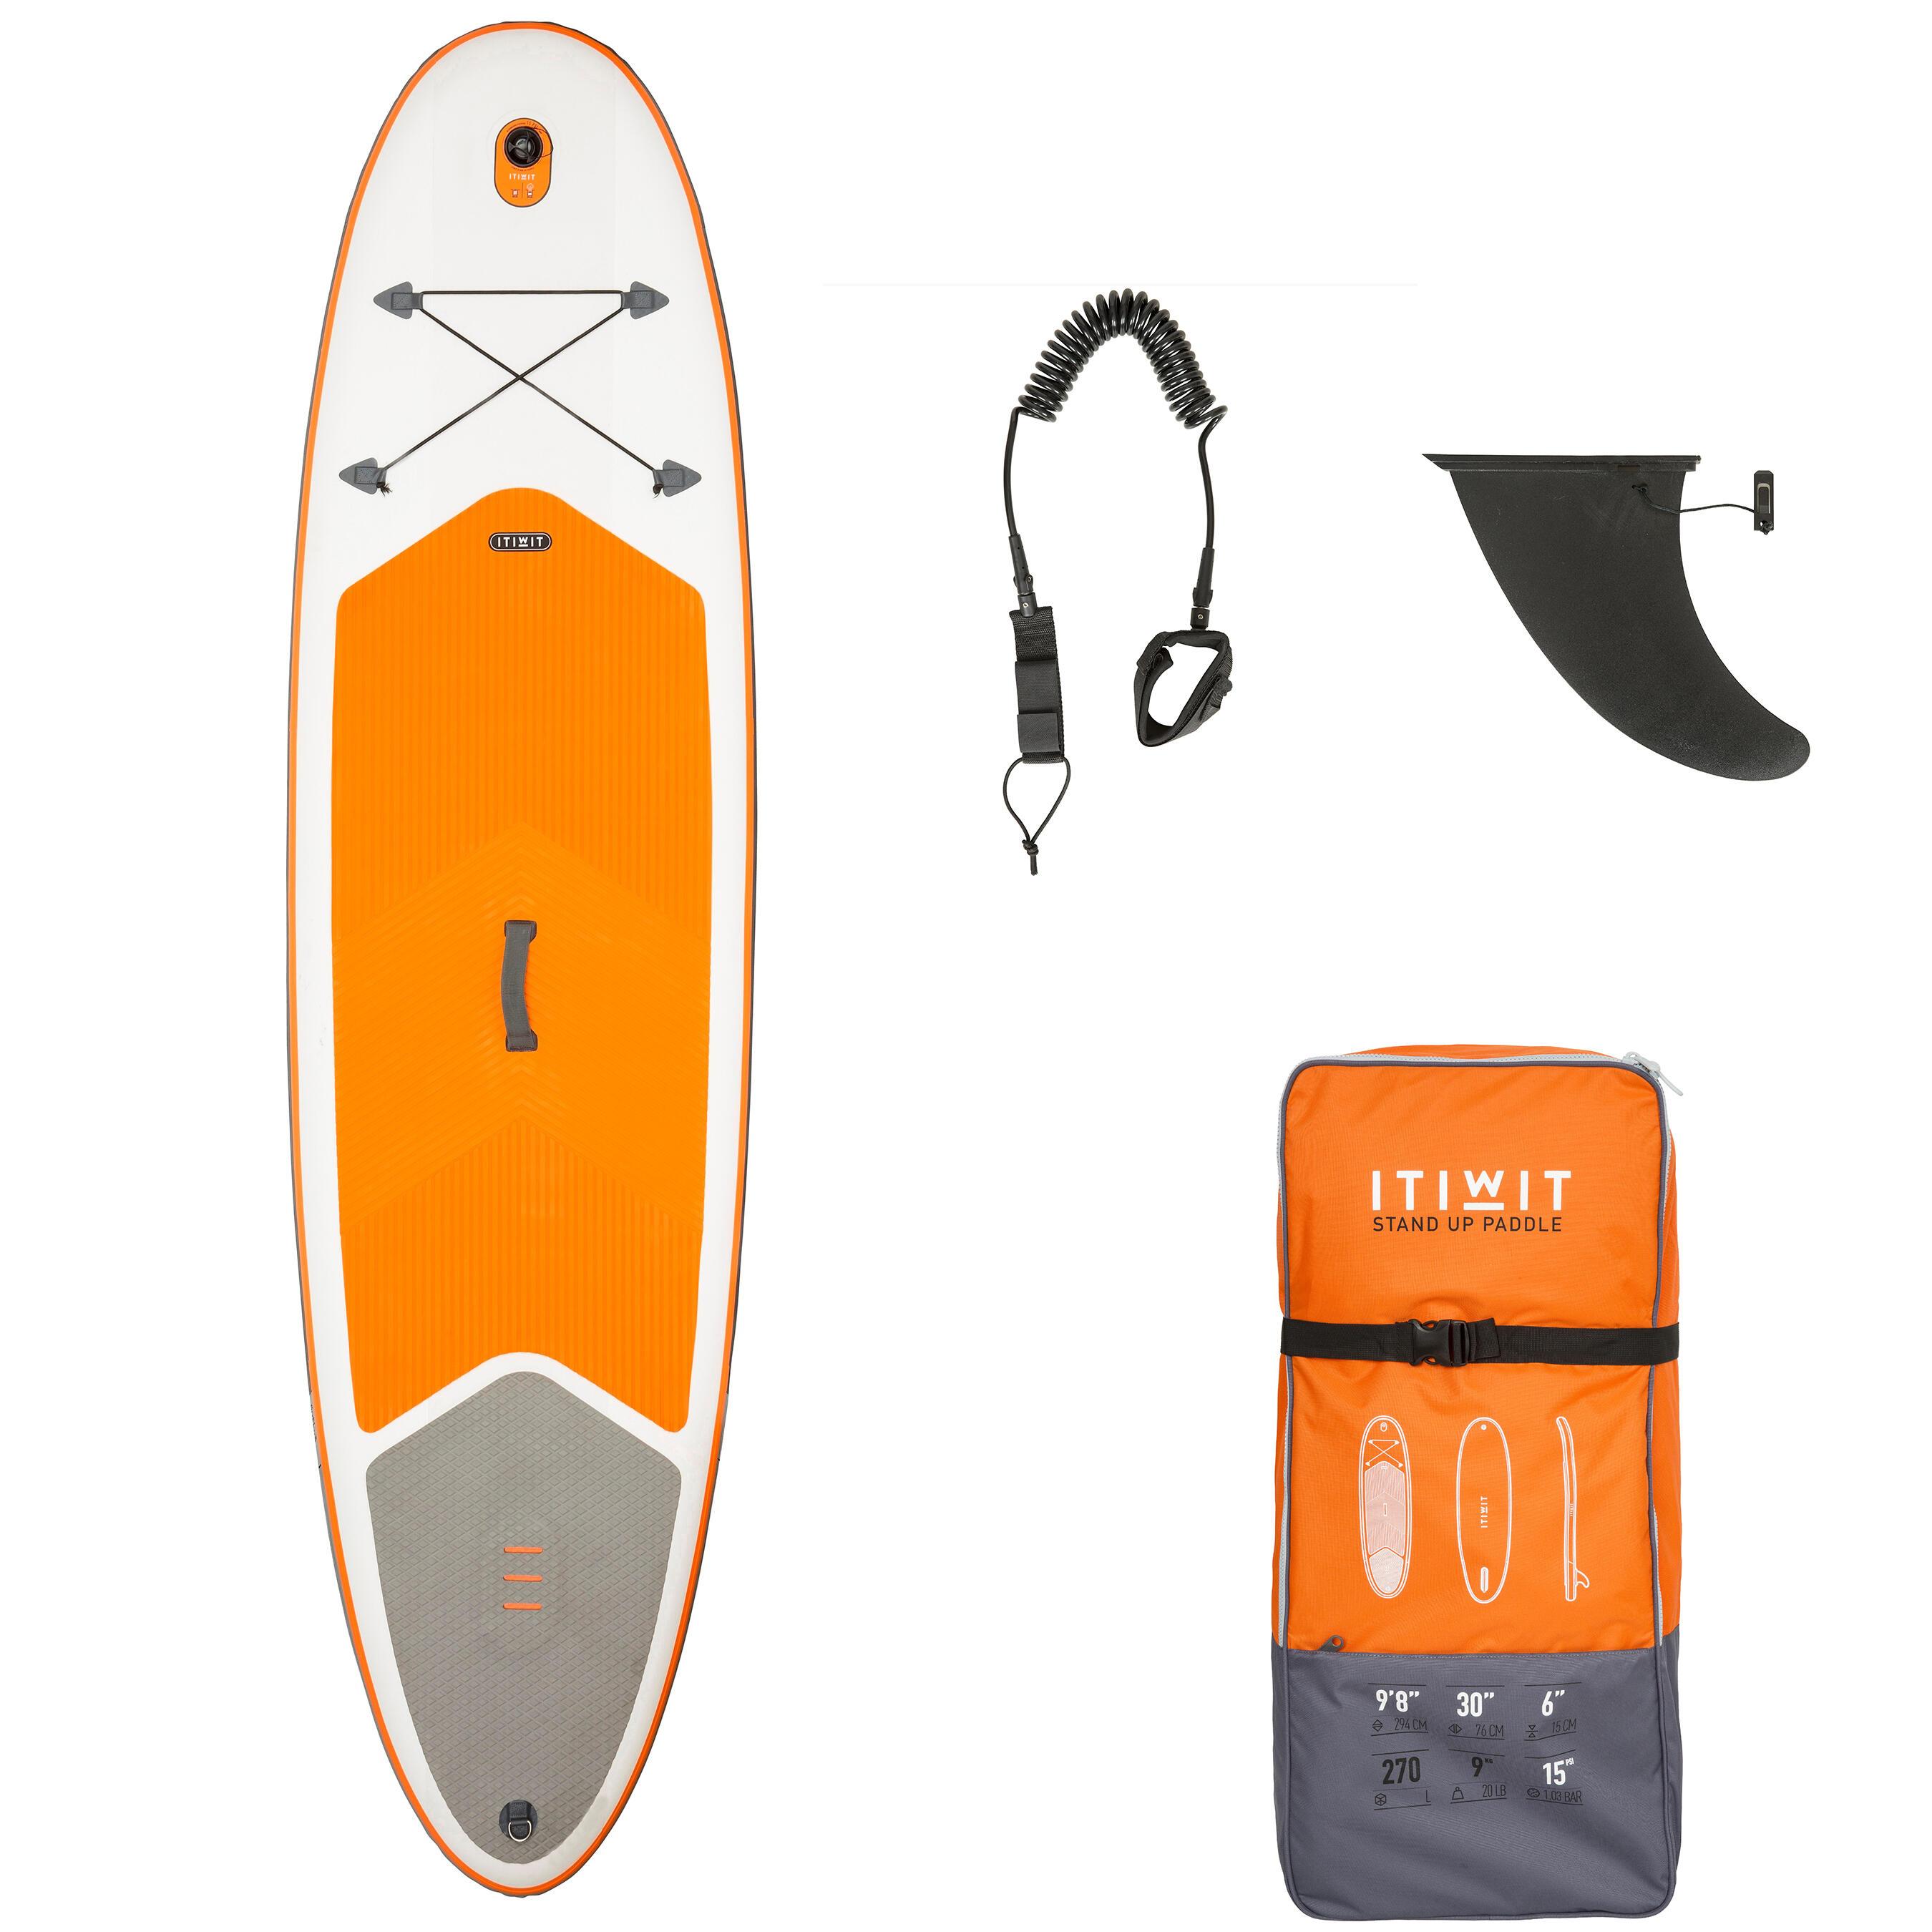 Itiwit Opblaasbaar supboard 100 voor tochtjes - 9'8 oranje